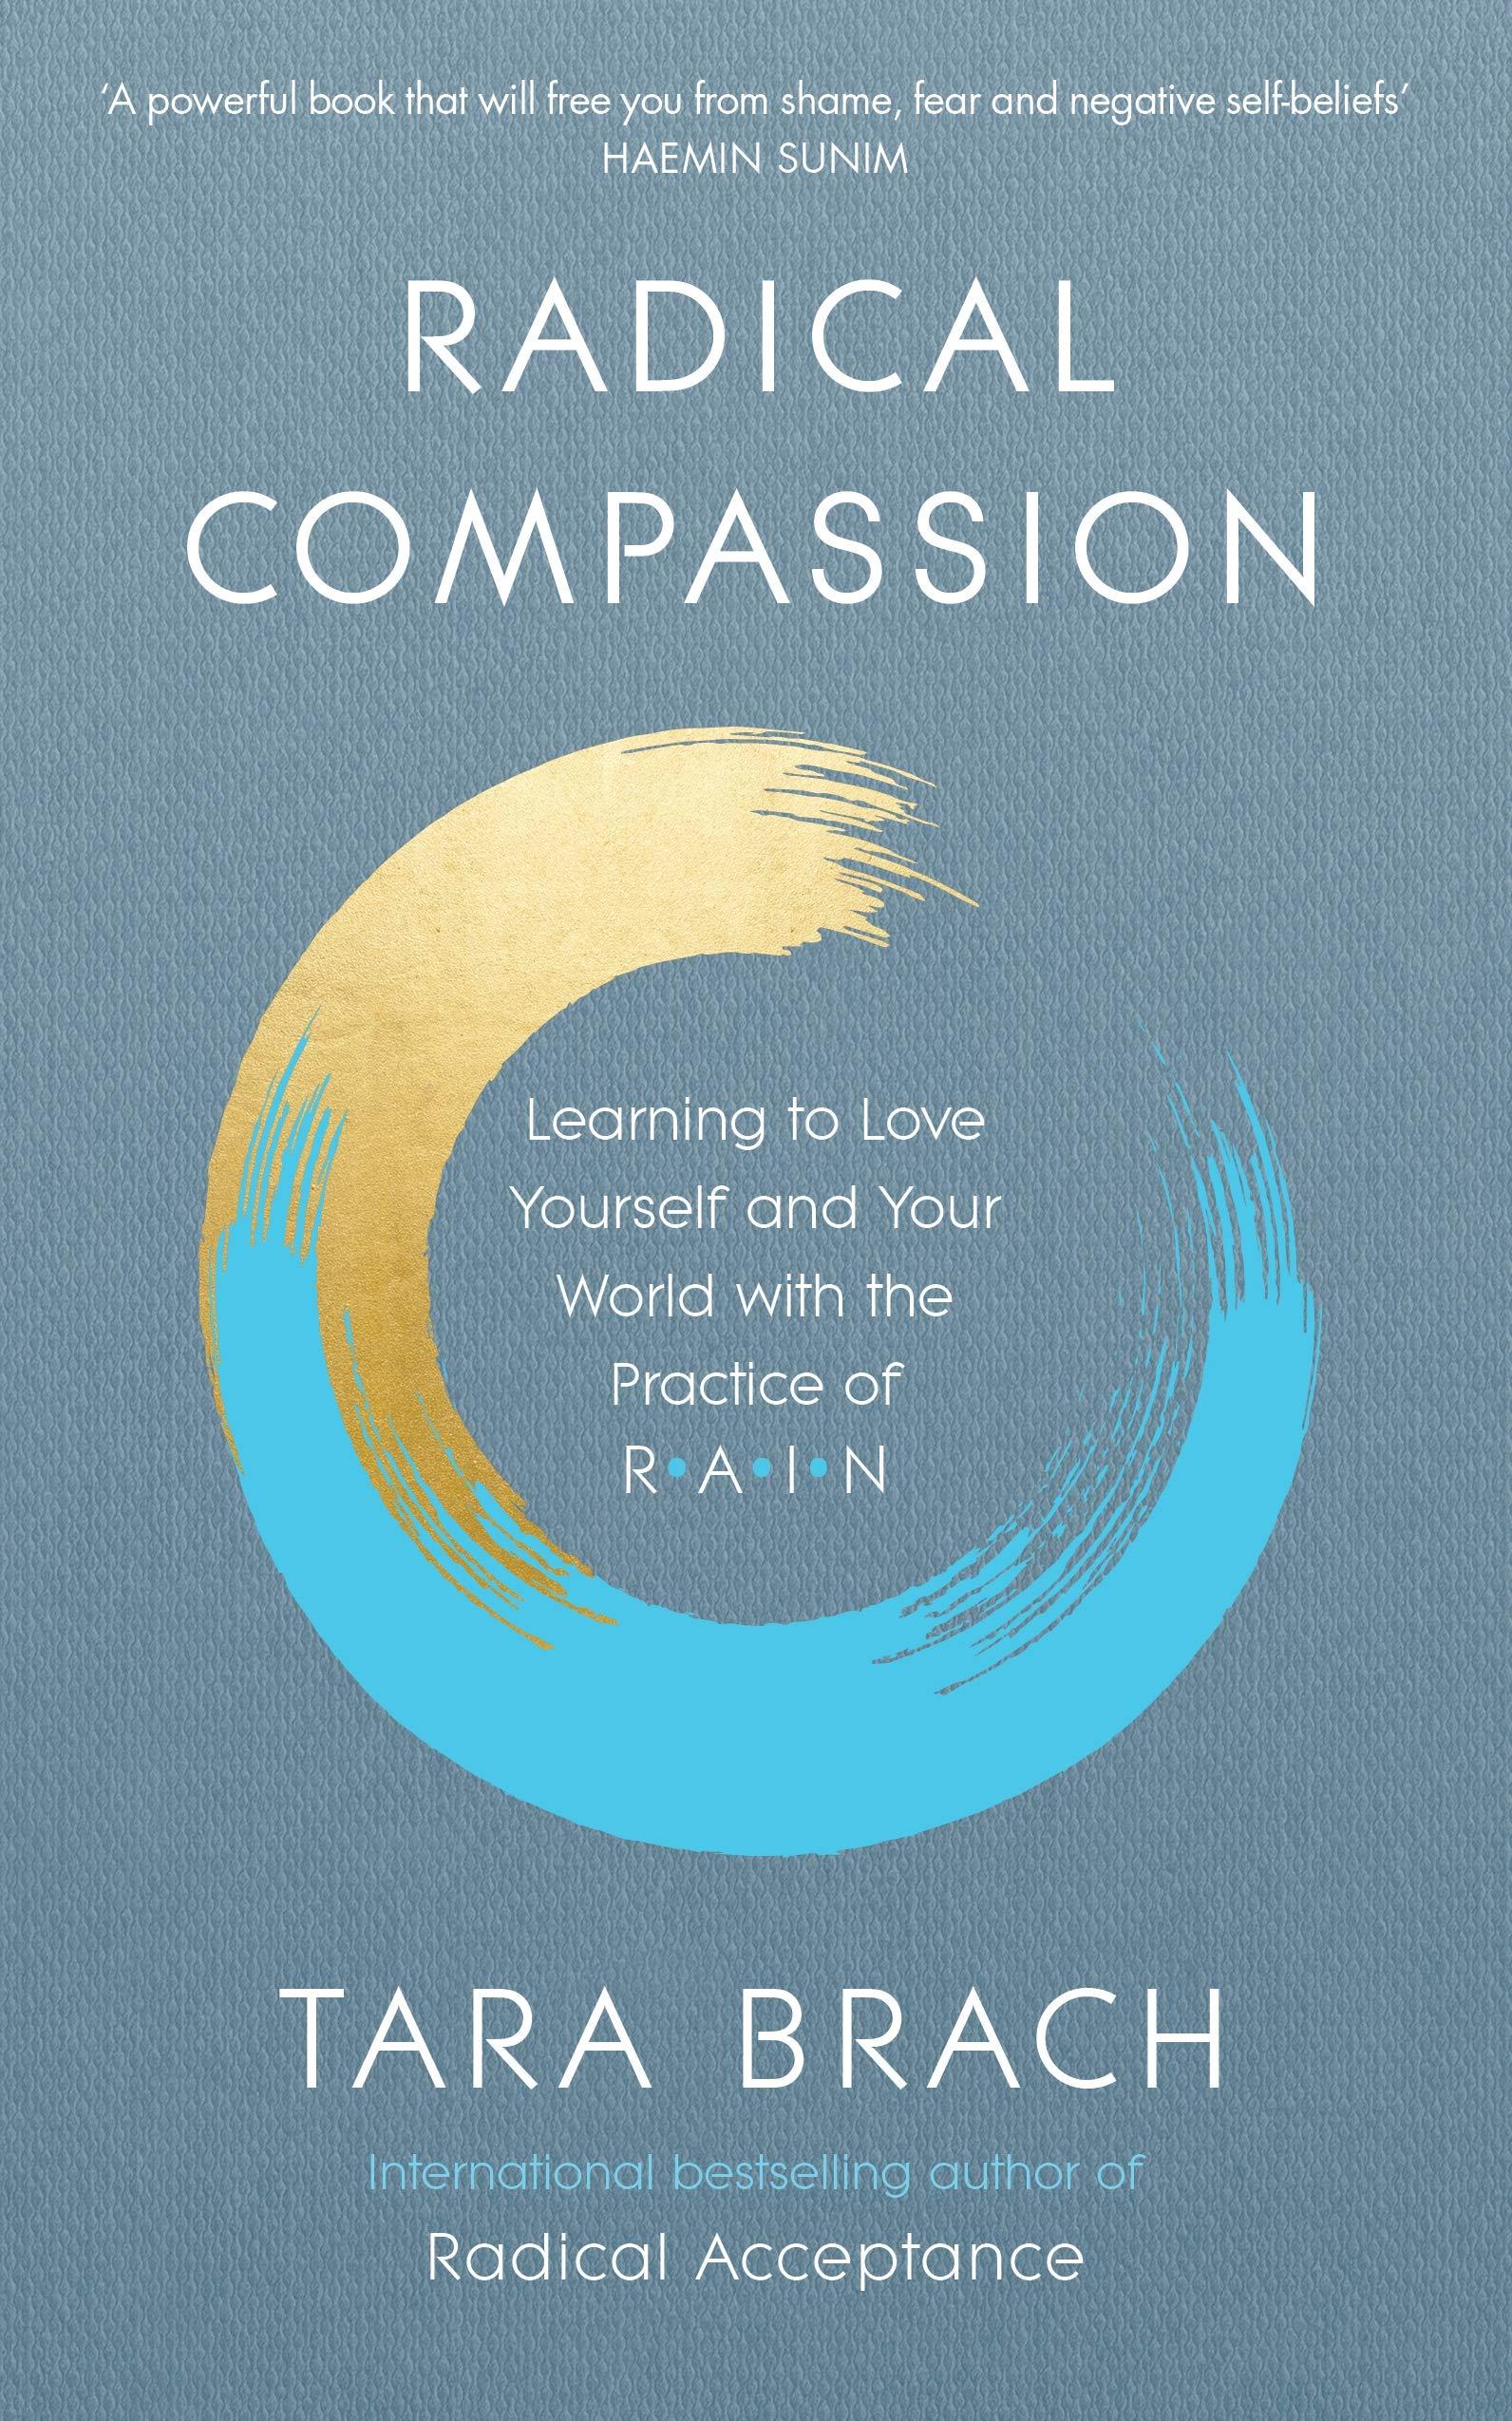 Tara Brach: Radikális együttérzés